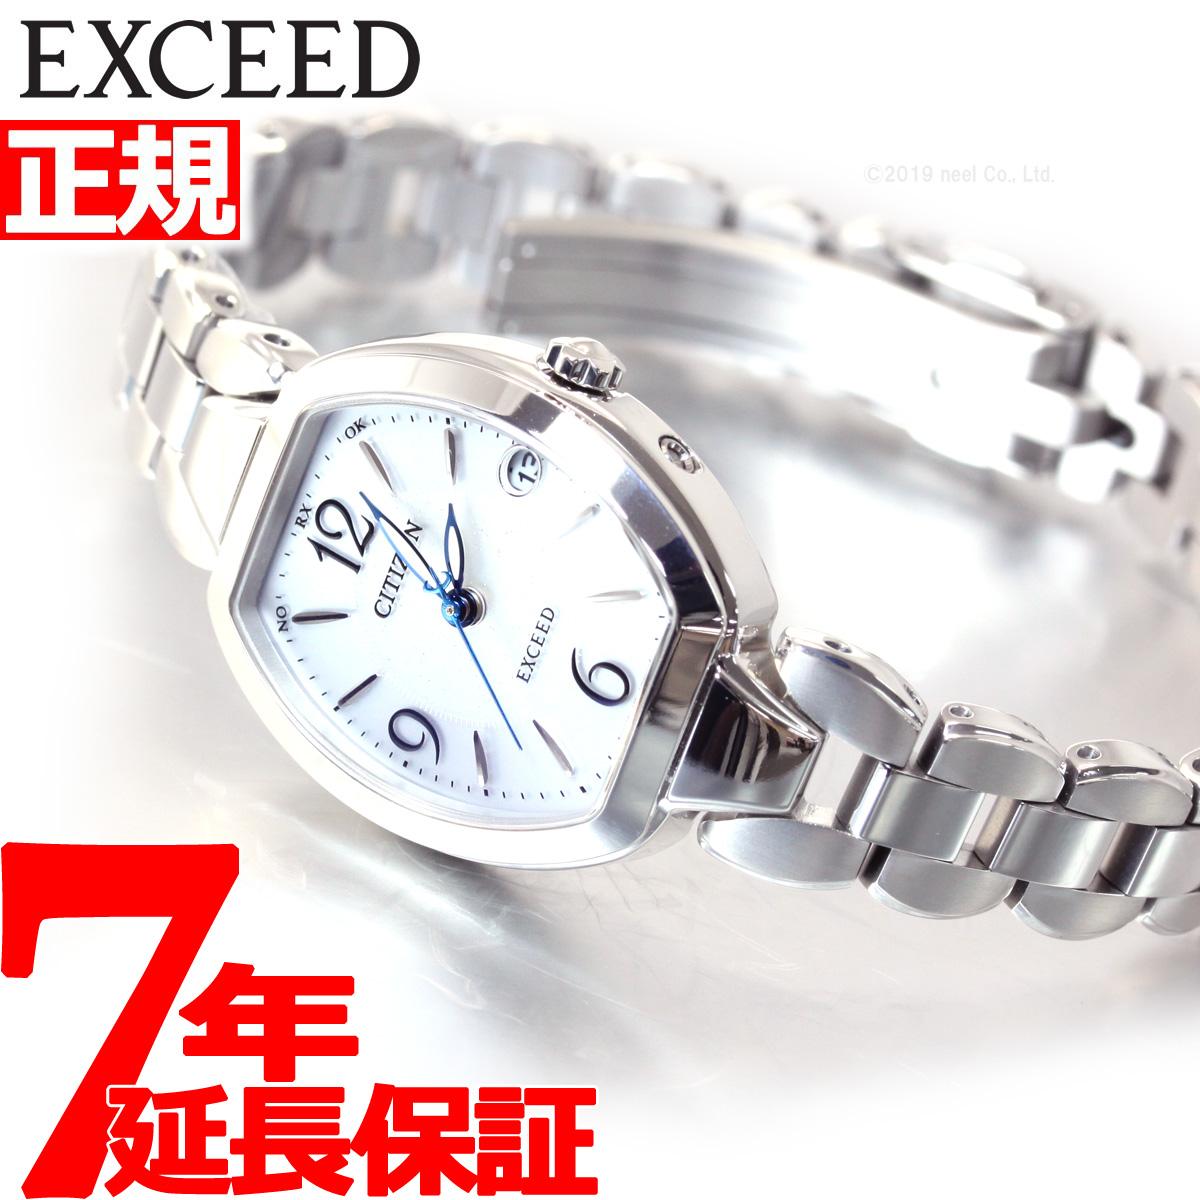 【5日0時~♪2000円OFFクーポン&店内ポイント最大51倍!5日23時59分まで】シチズン エクシード CITIZEN EXCEED エコドライブ ソーラー 電波時計 腕時計 レディース チタニウムモデル ES8060-57A